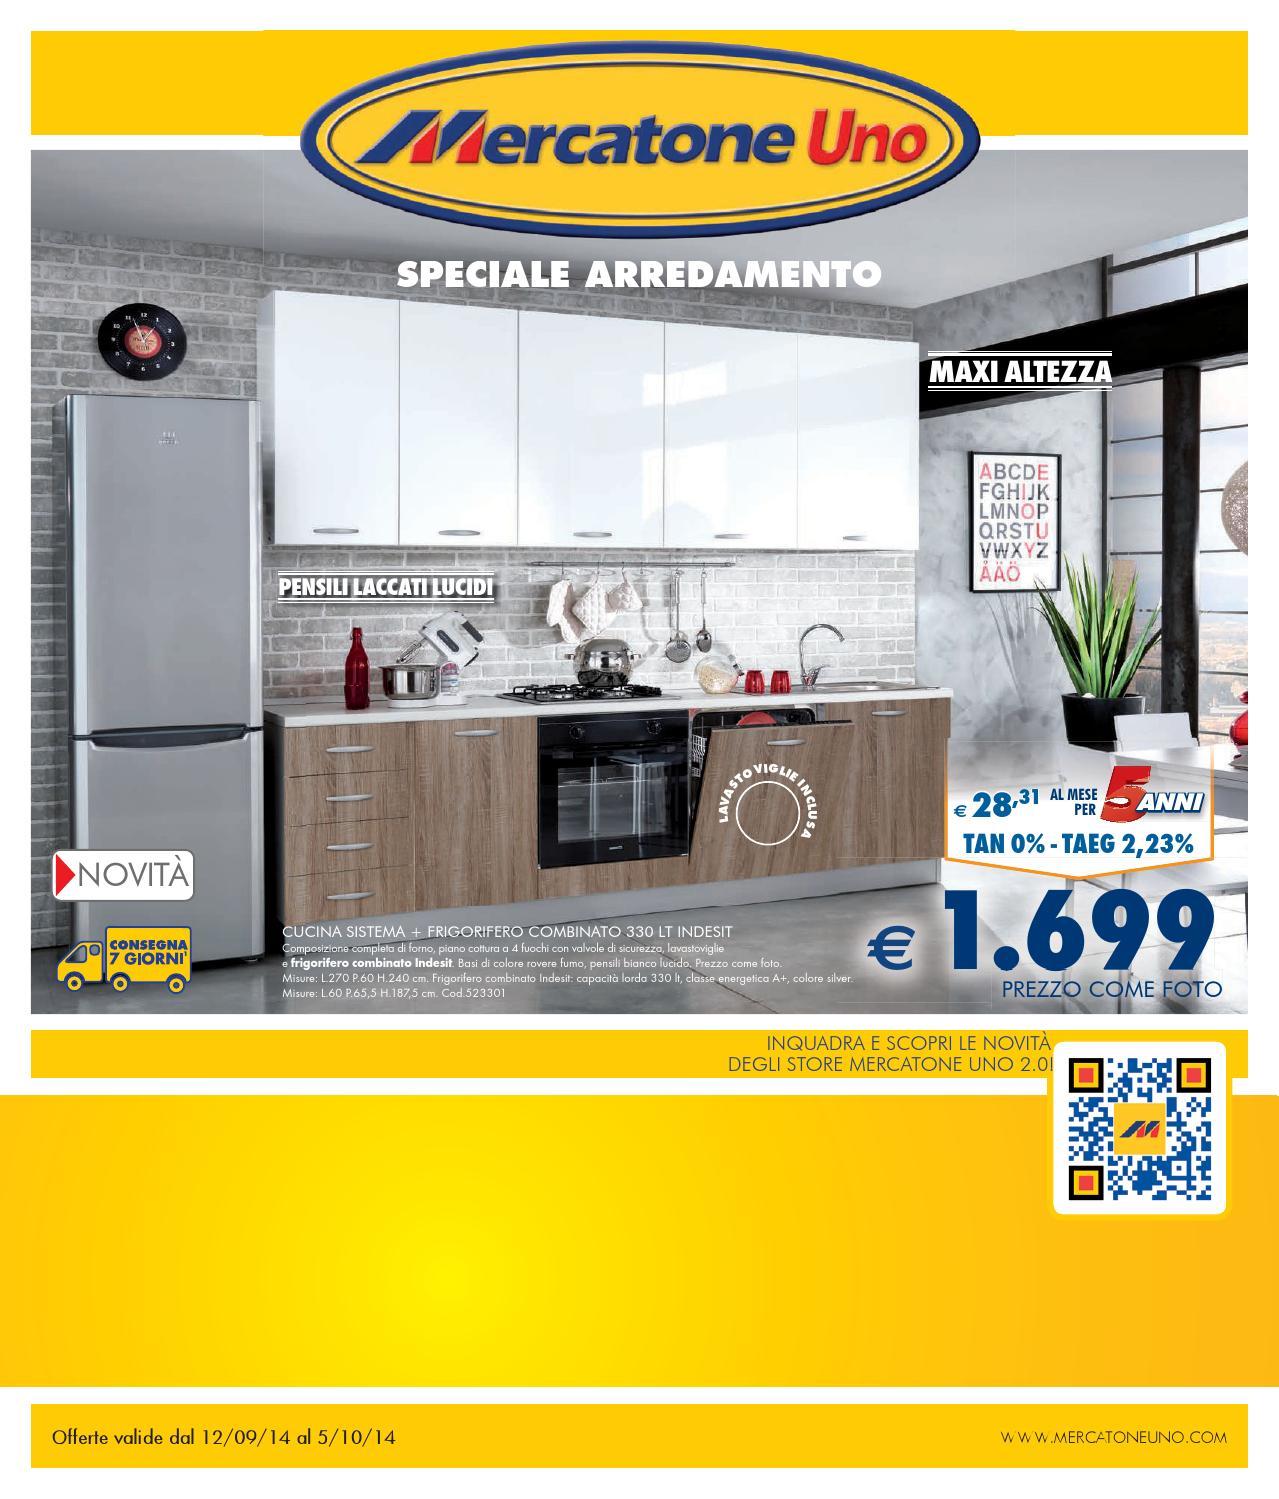 Mercatone Uno 5 Anni By Mobilpro Issuu #CAA301 1279 1499 Carrelli Da Cucina Al Mercatone Uno